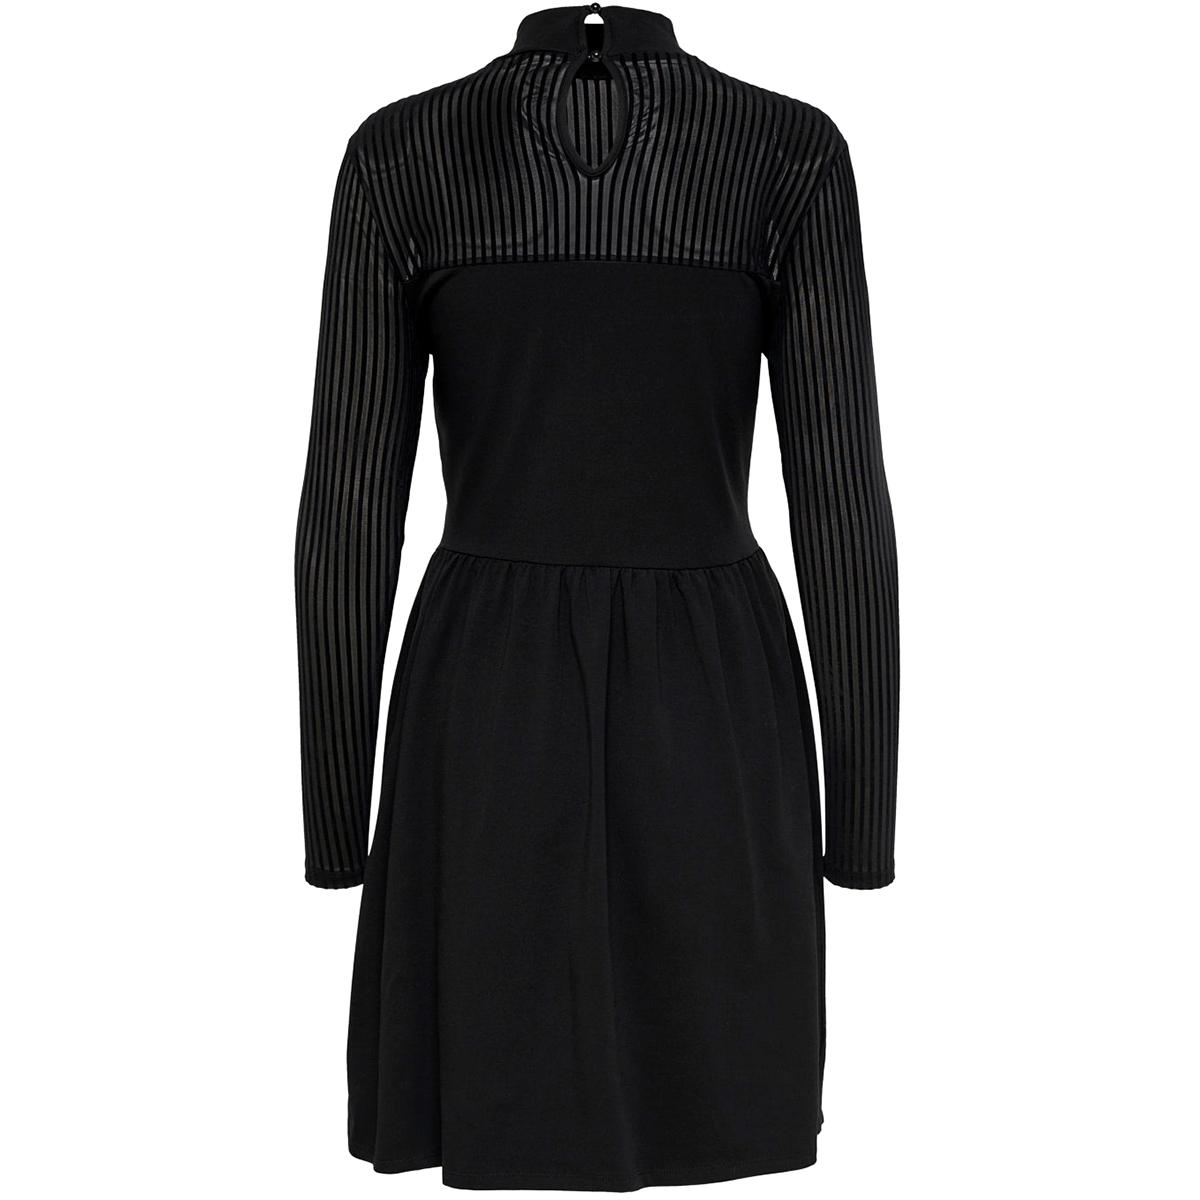 onlniella l/s dress jrs 15193132 only jurk black